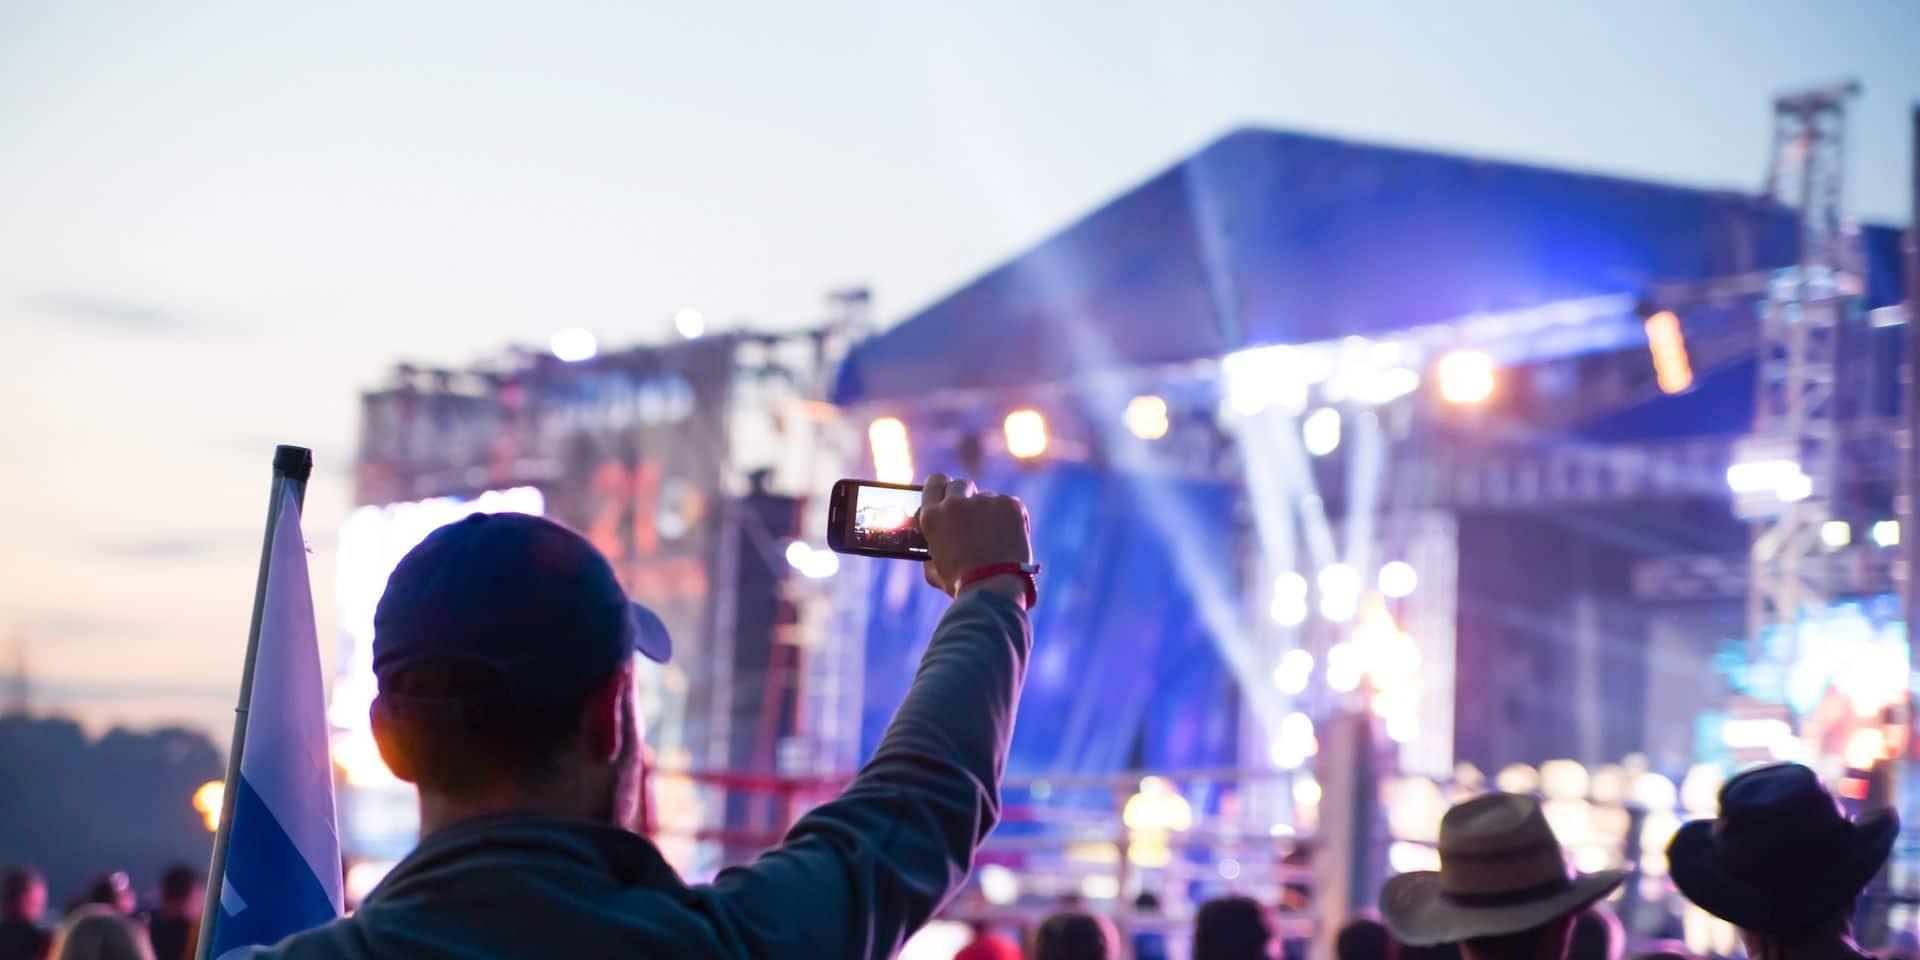 Les festival pourront compter sur leurs subventions, même en cas d'annulation